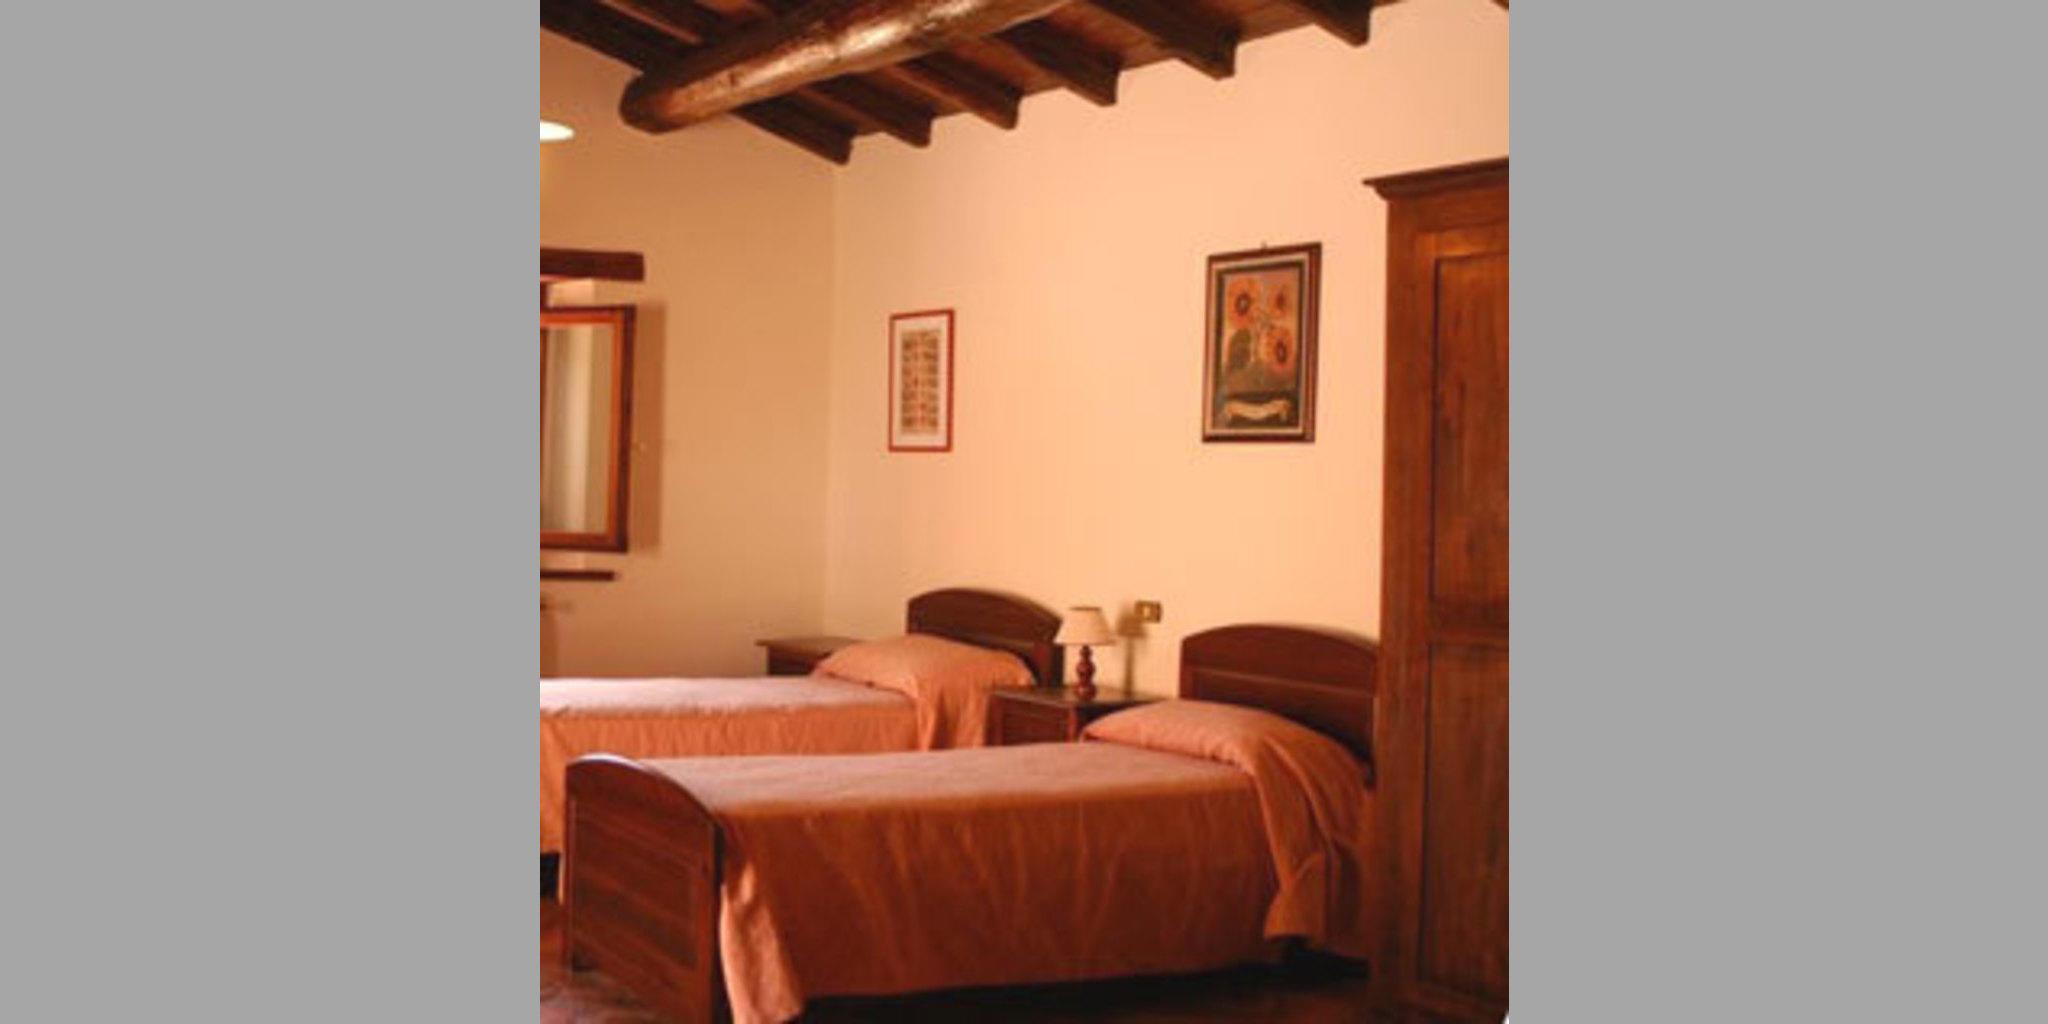 Bed & Breakfast Pratovecchio - Santa Maria A Poppiena